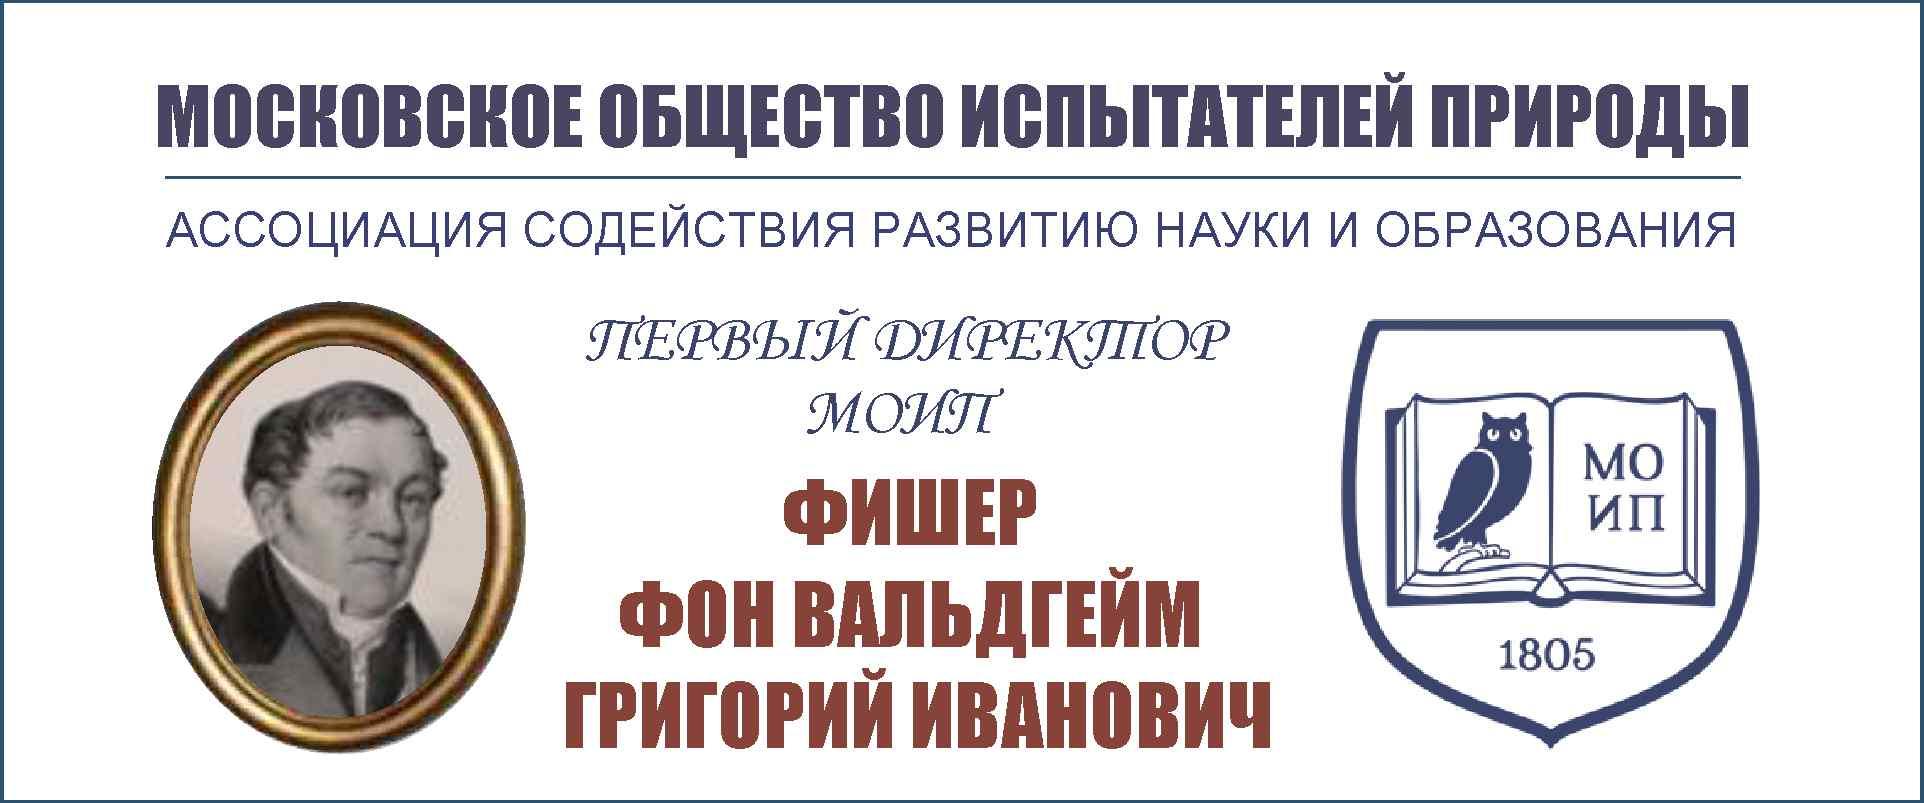 Г.И.ФИШЕР ФОН ВАЛЬДГЕЙМ – ПЕРВЫЙ ДИРЕКТОР МОИП